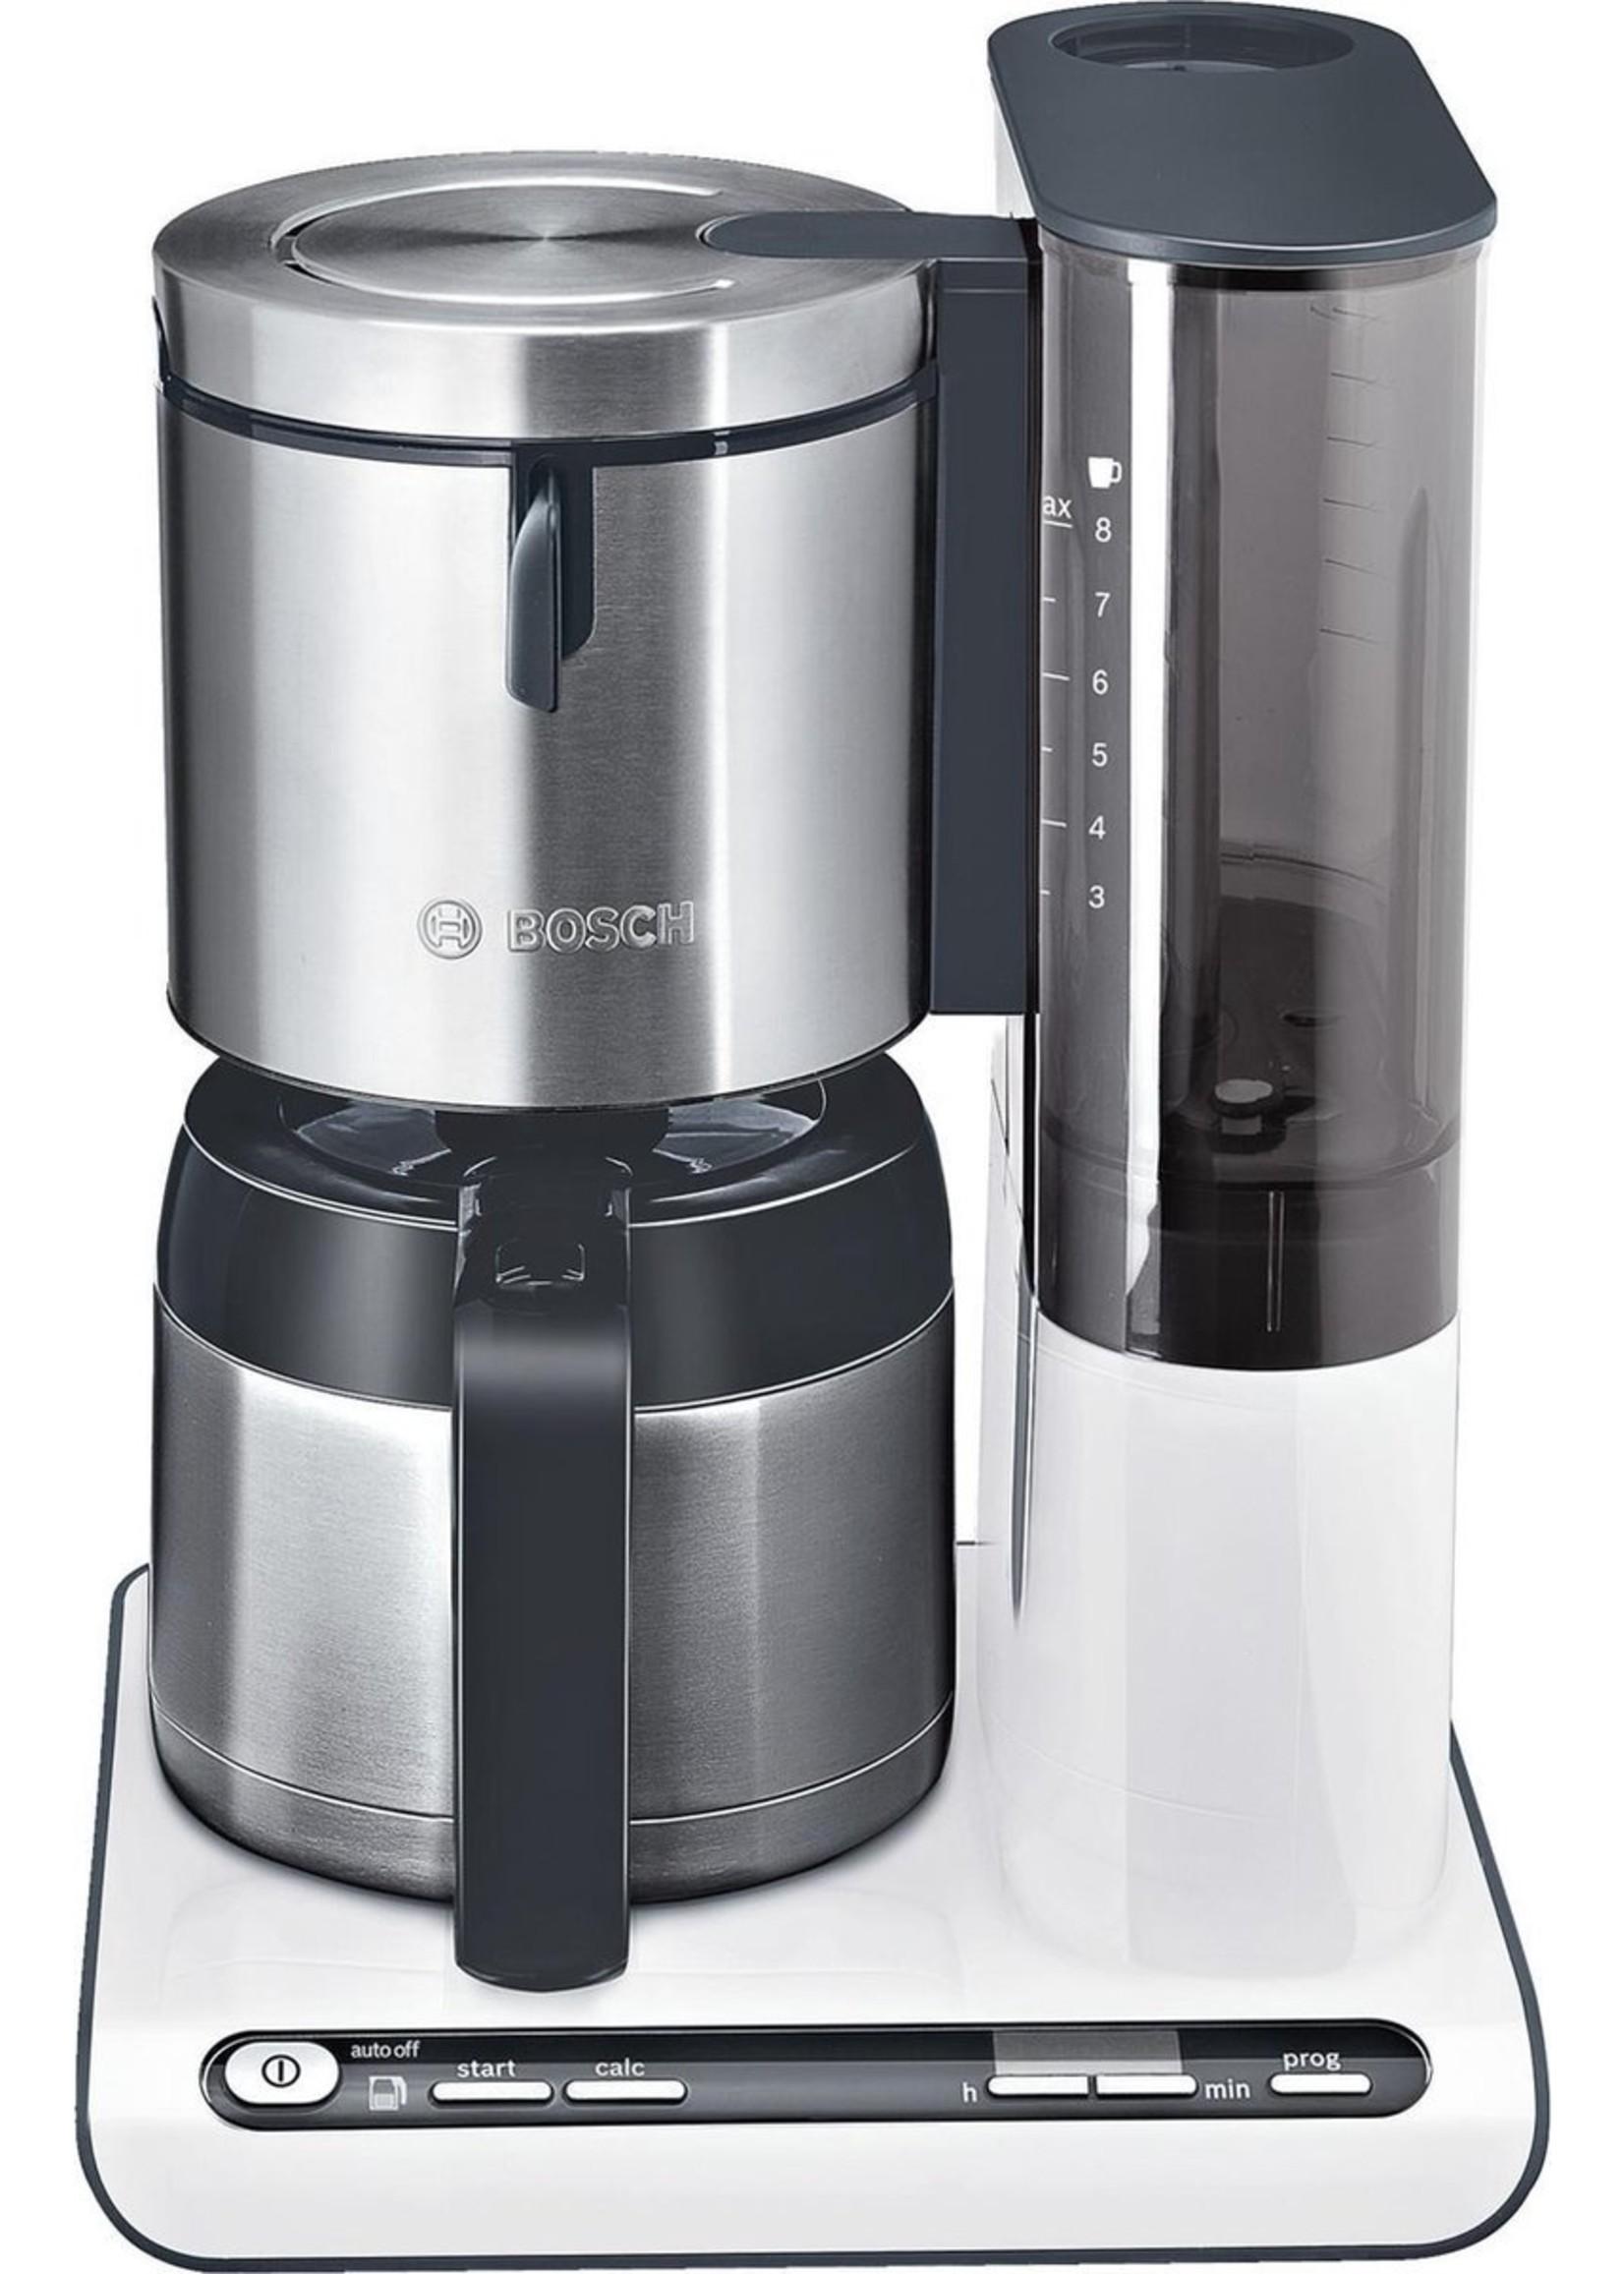 Bosch Bosch Styline TKA8651 - Koffiezetapparaat - Wit koopjeshoek